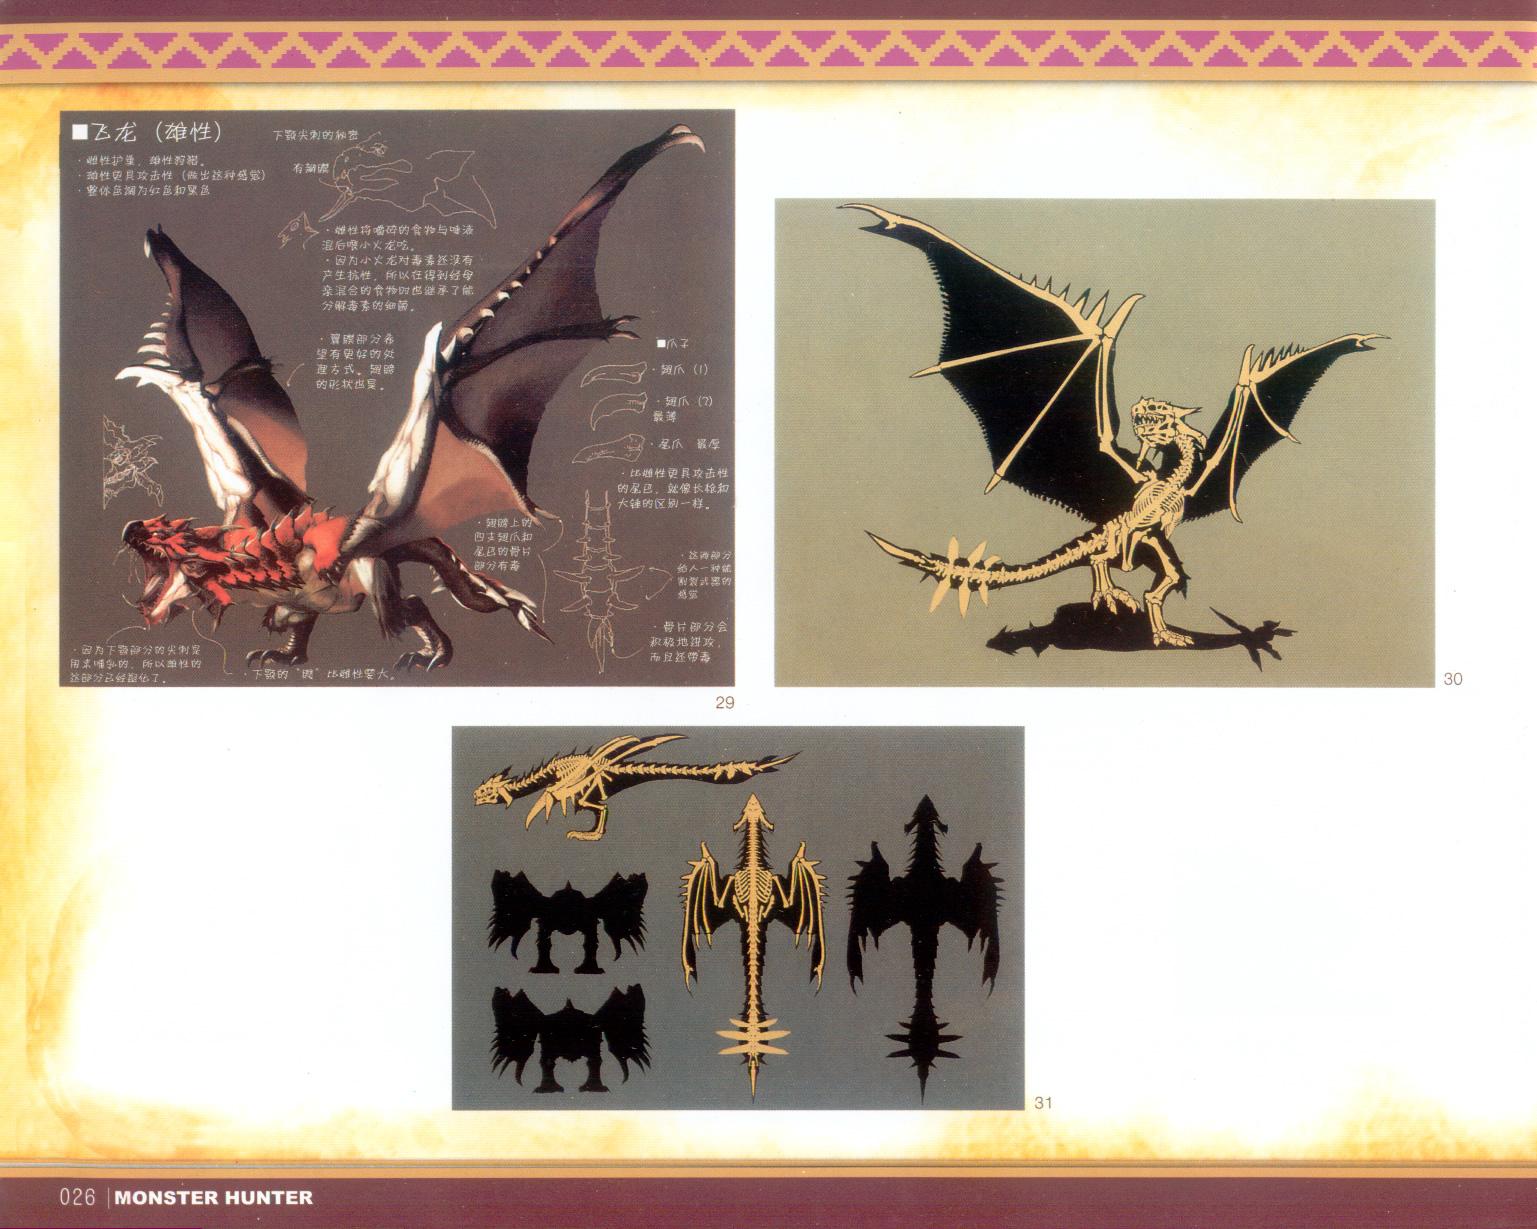 026_关注-游艺网GAME798海量资源下载怪物猎人终极画集.jpg